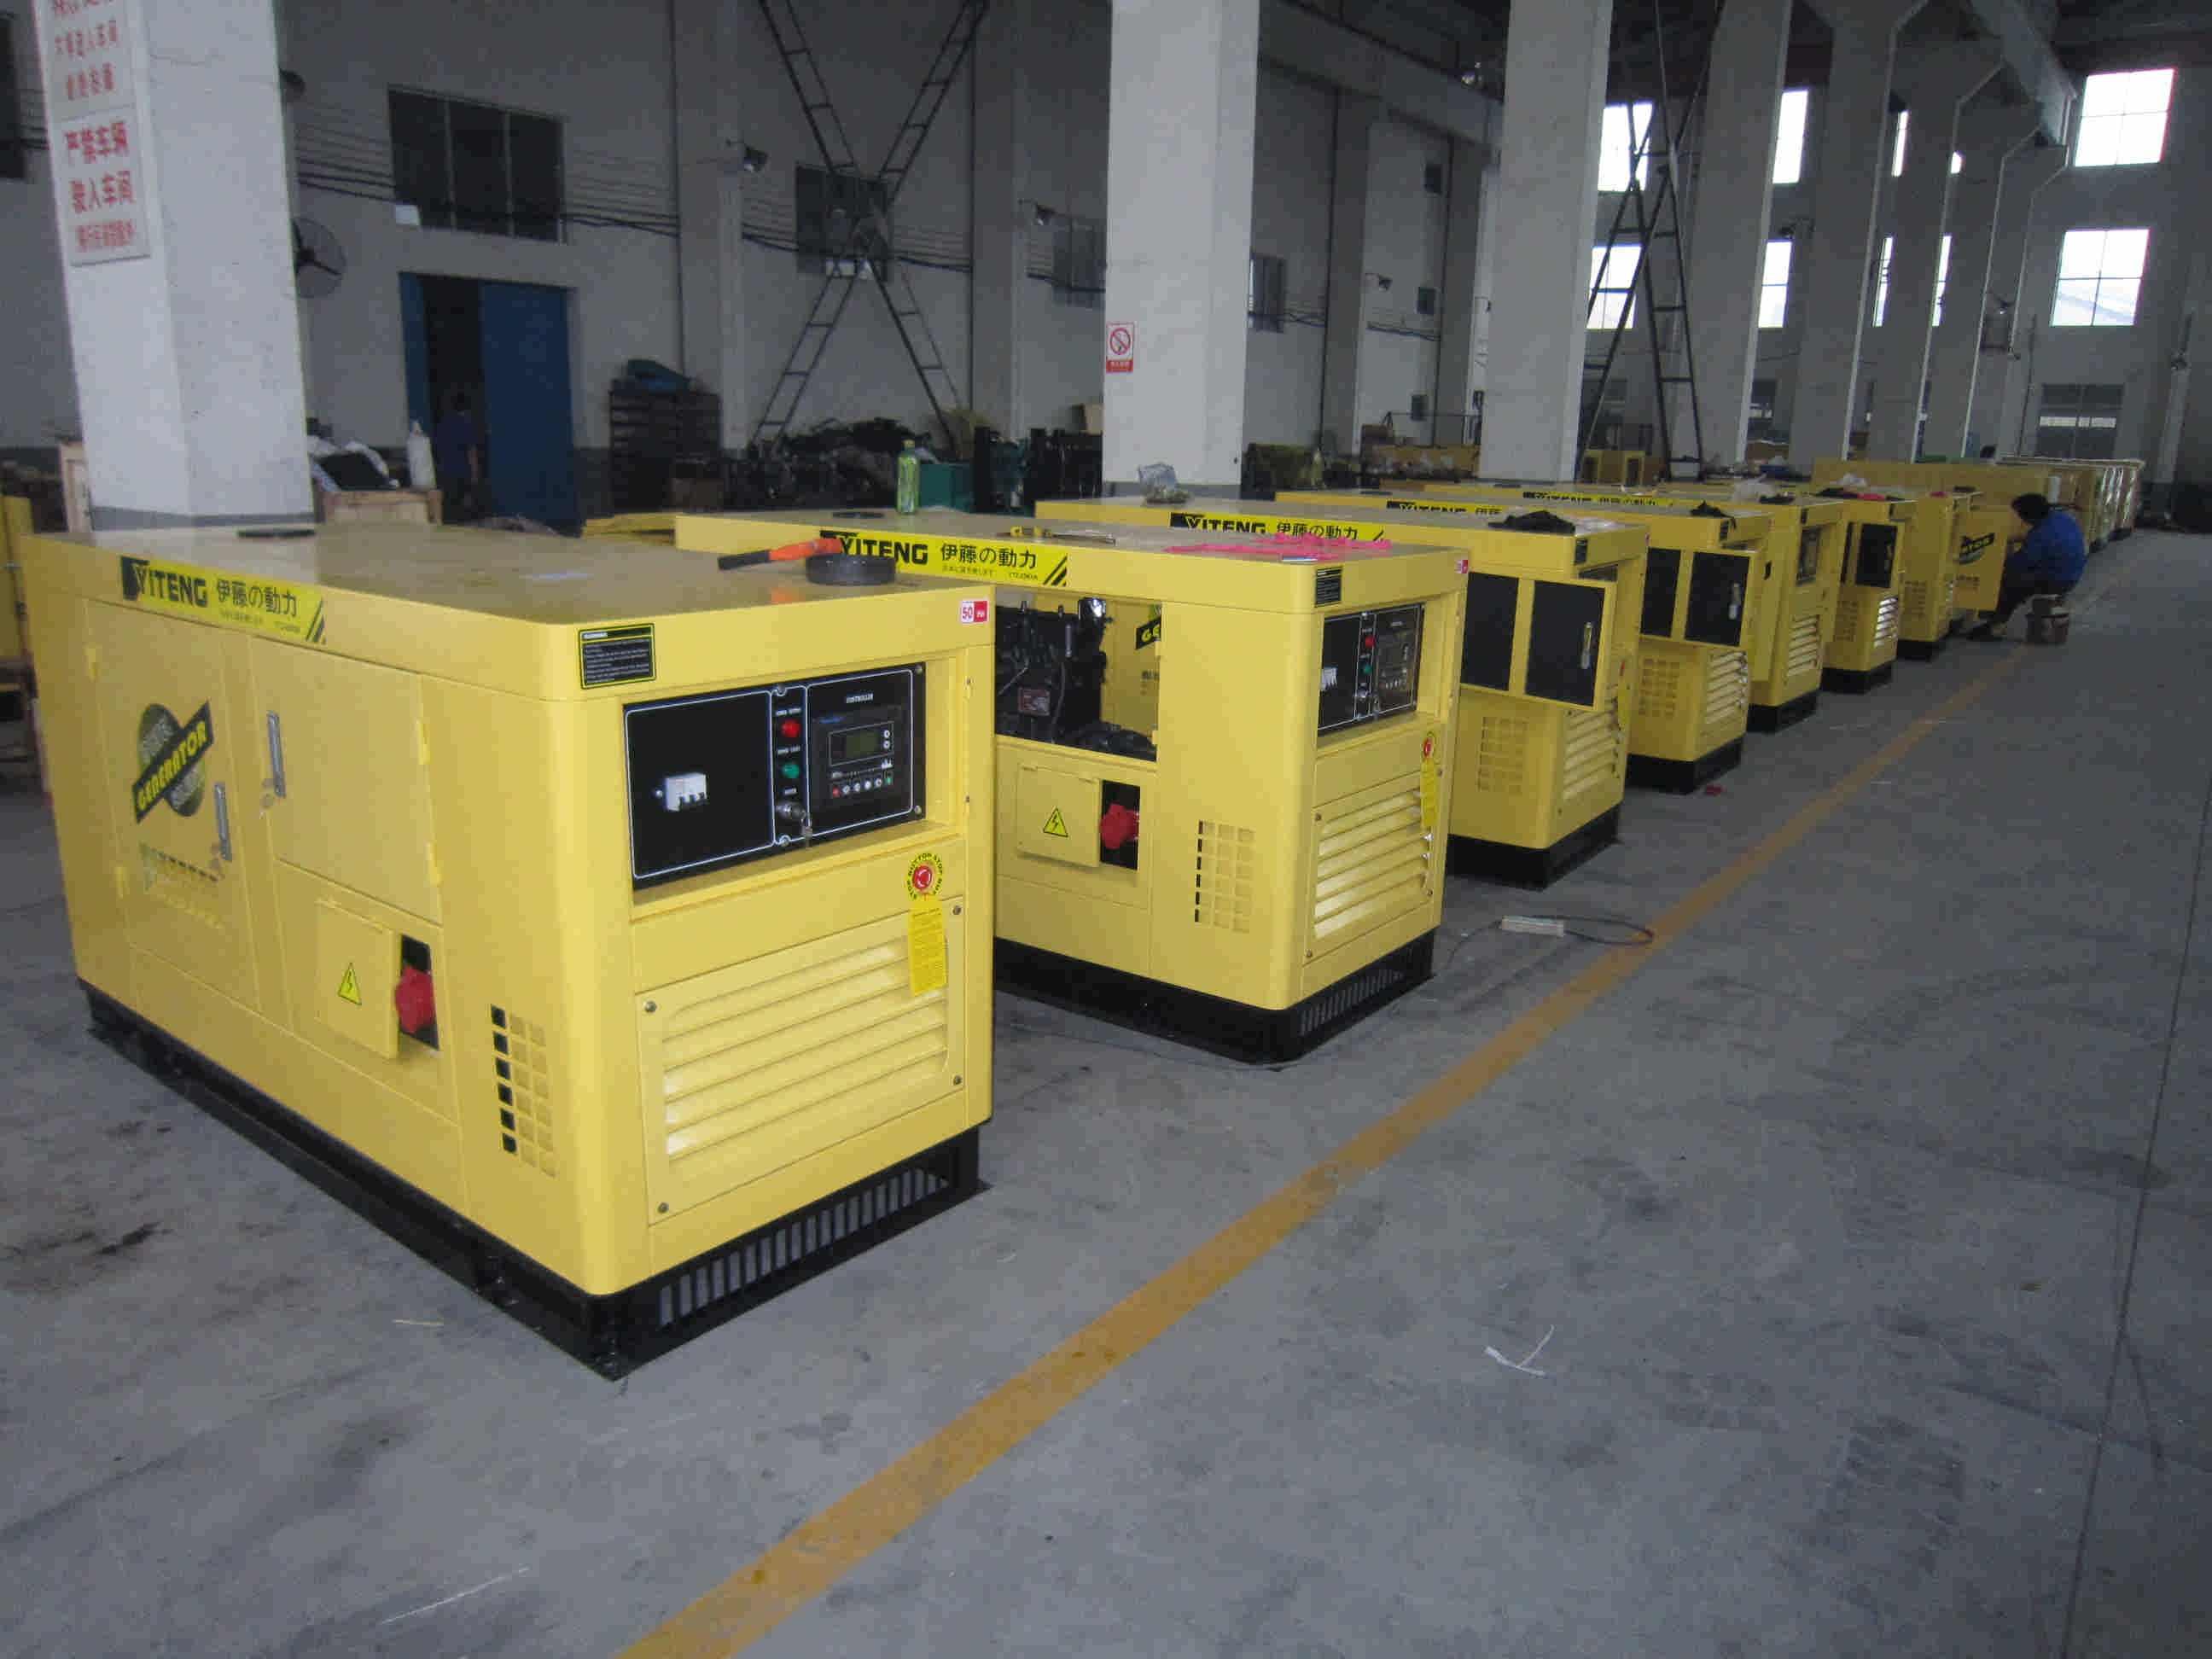 30kw柴油发电机价格 伊藤30kw柴油发电机 发电机栏目 高清图片